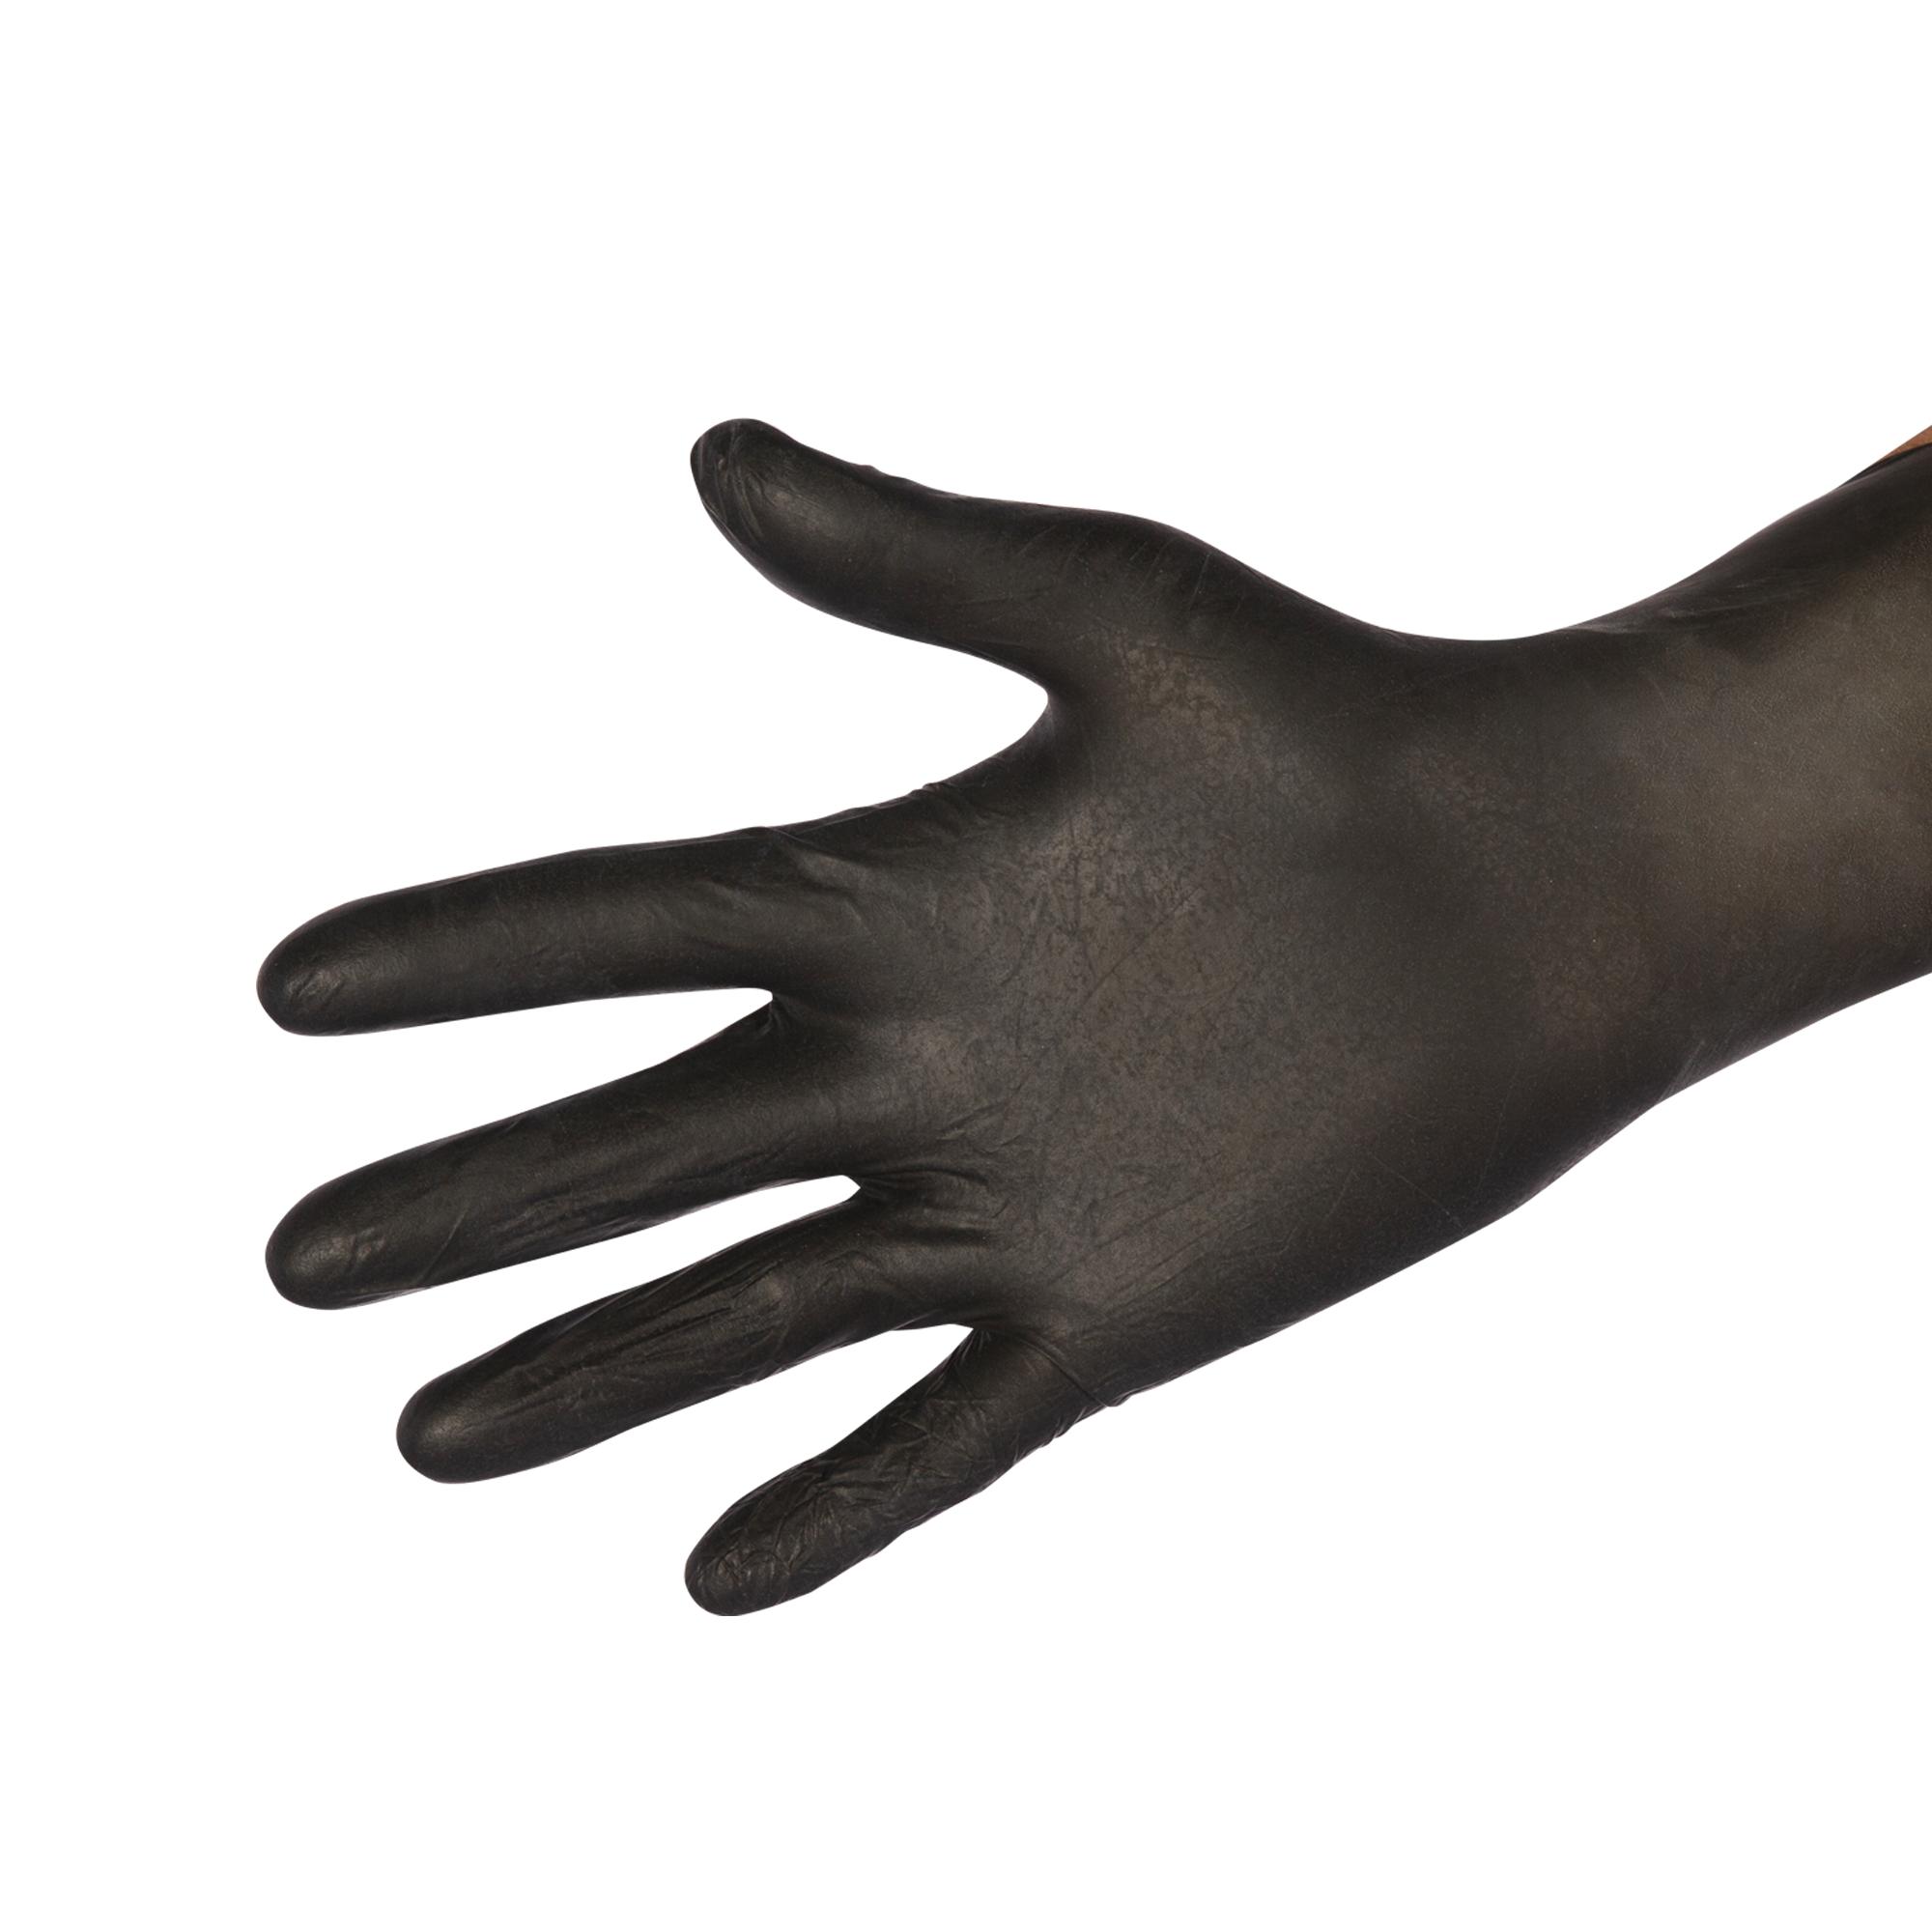 Latexhandschuh schwarz